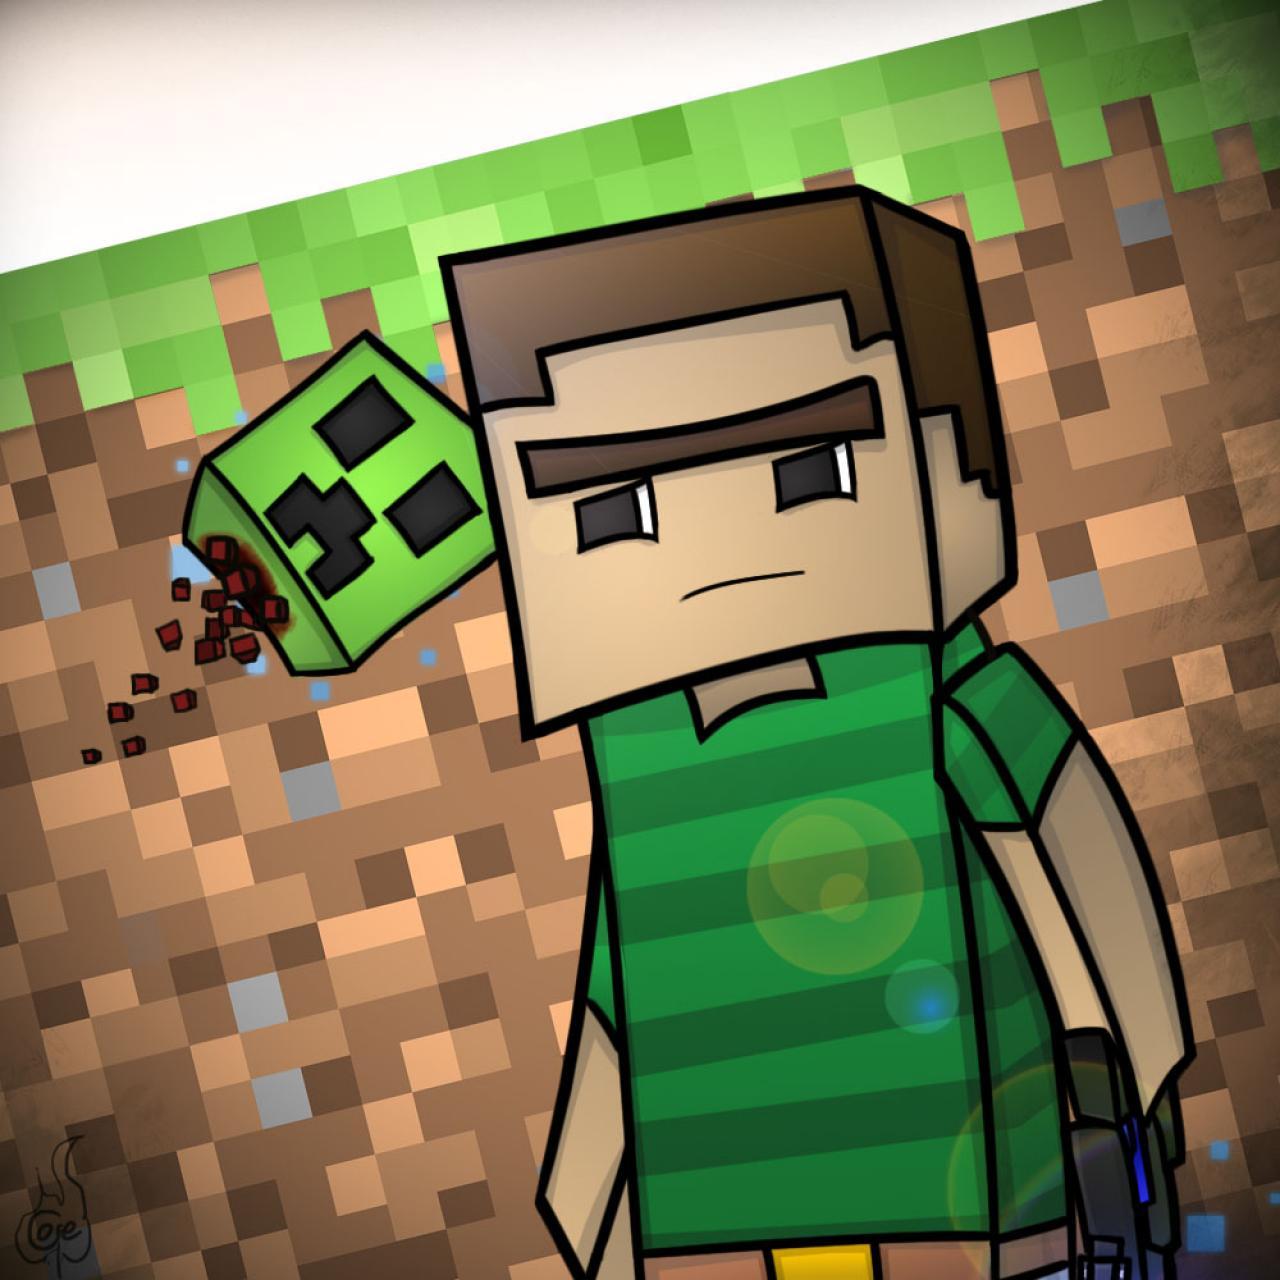 картинки майнкрафт на аватарку #9